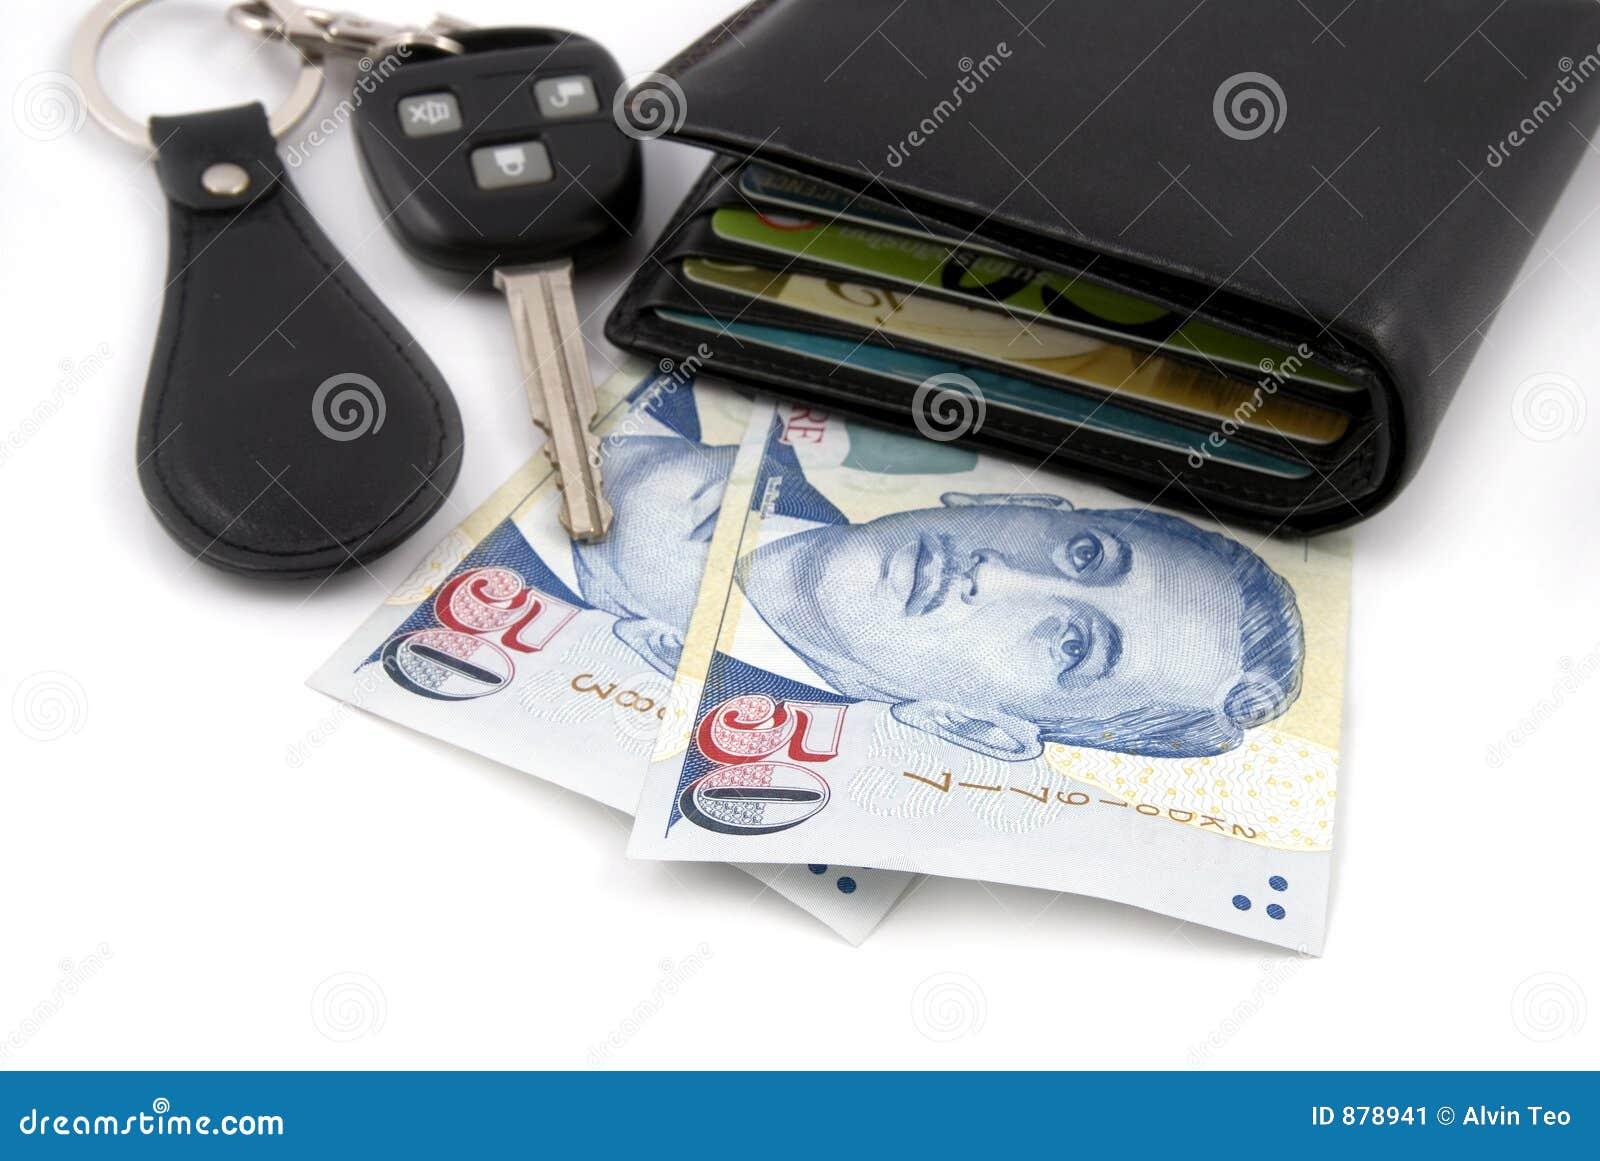 Samochód klucza pieniądze portfel.